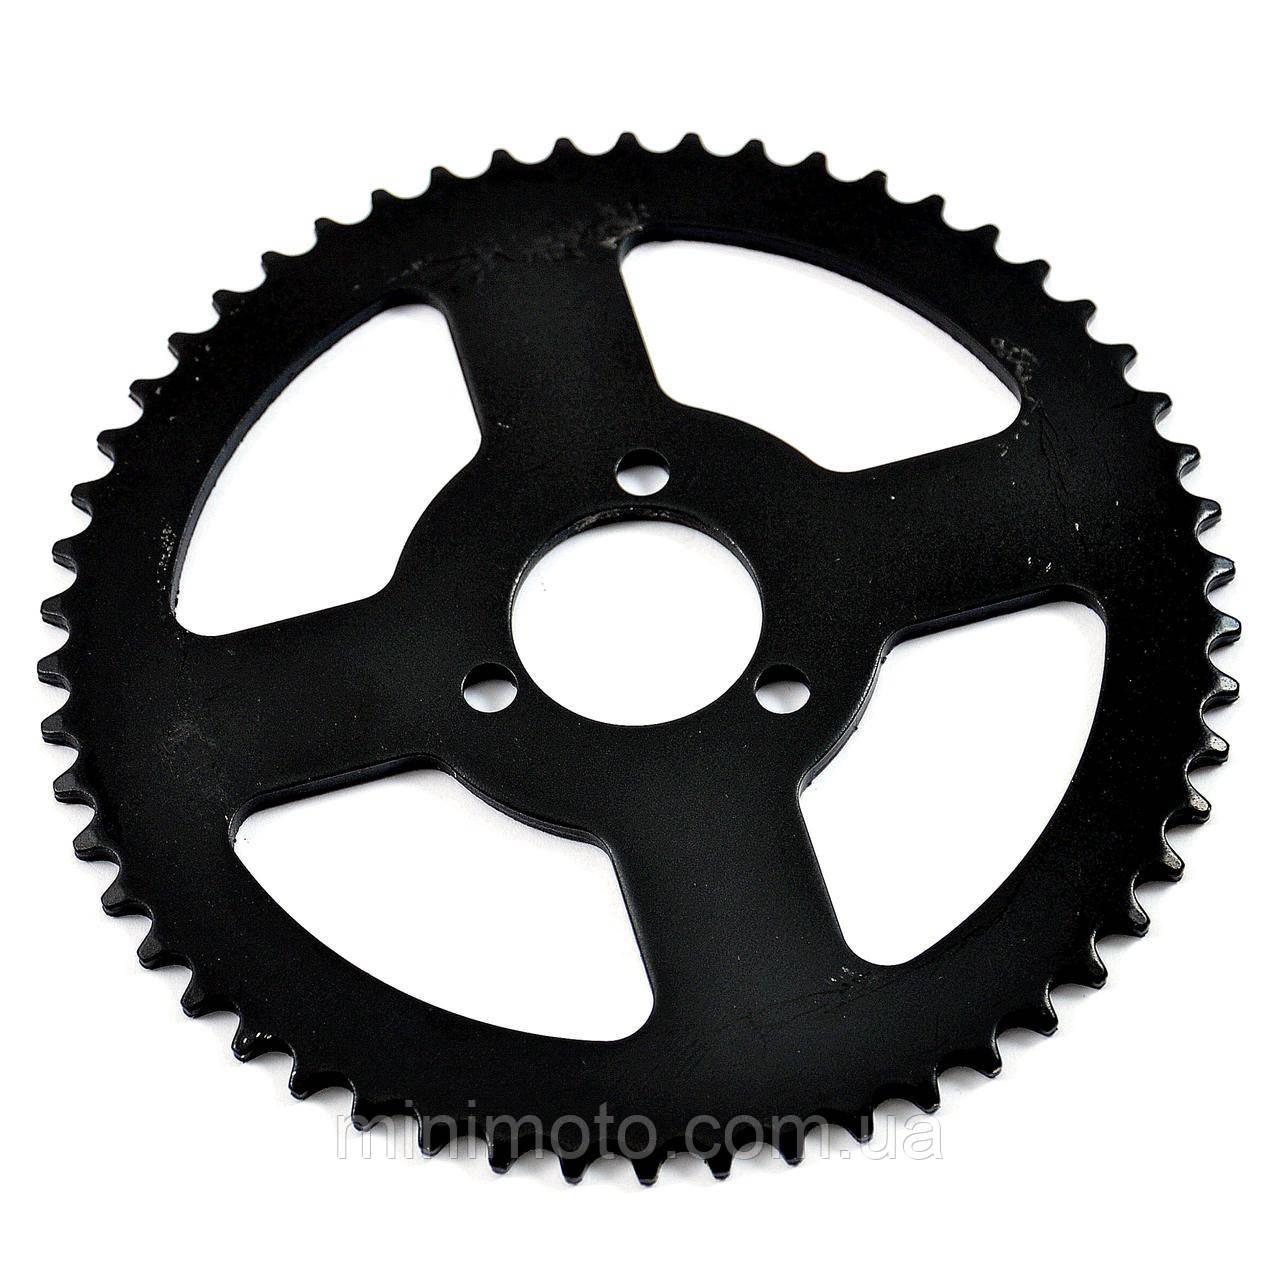 Звезда задняя минимото, детский квадроцикл T8F (D=35 mm) 54z на три болта